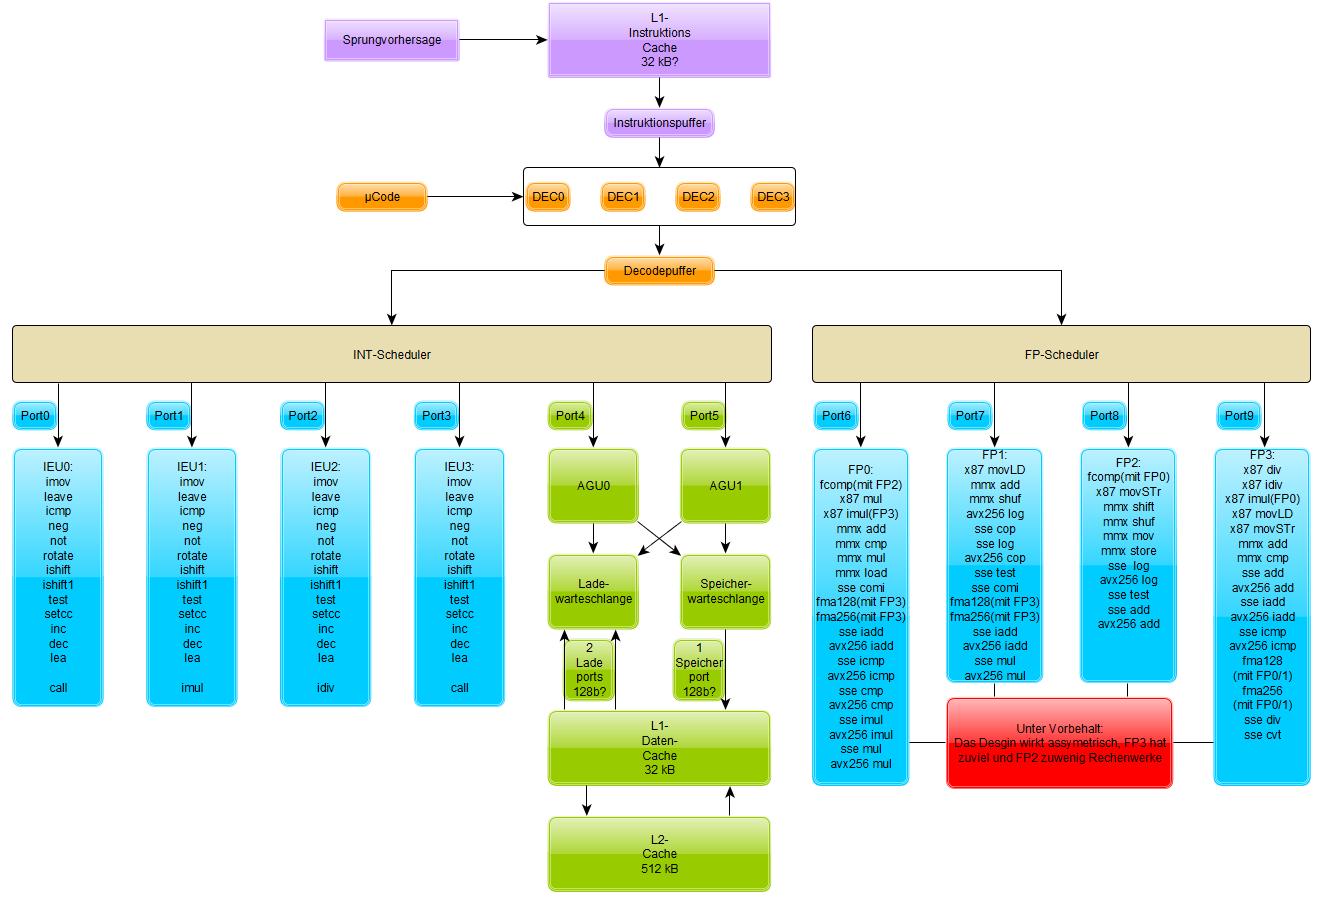 Architekturskizze nach AMDs Compilercode. Fehldarstellungen aufgrund von Copy-Paste-Fehlern im Code sind möglich!